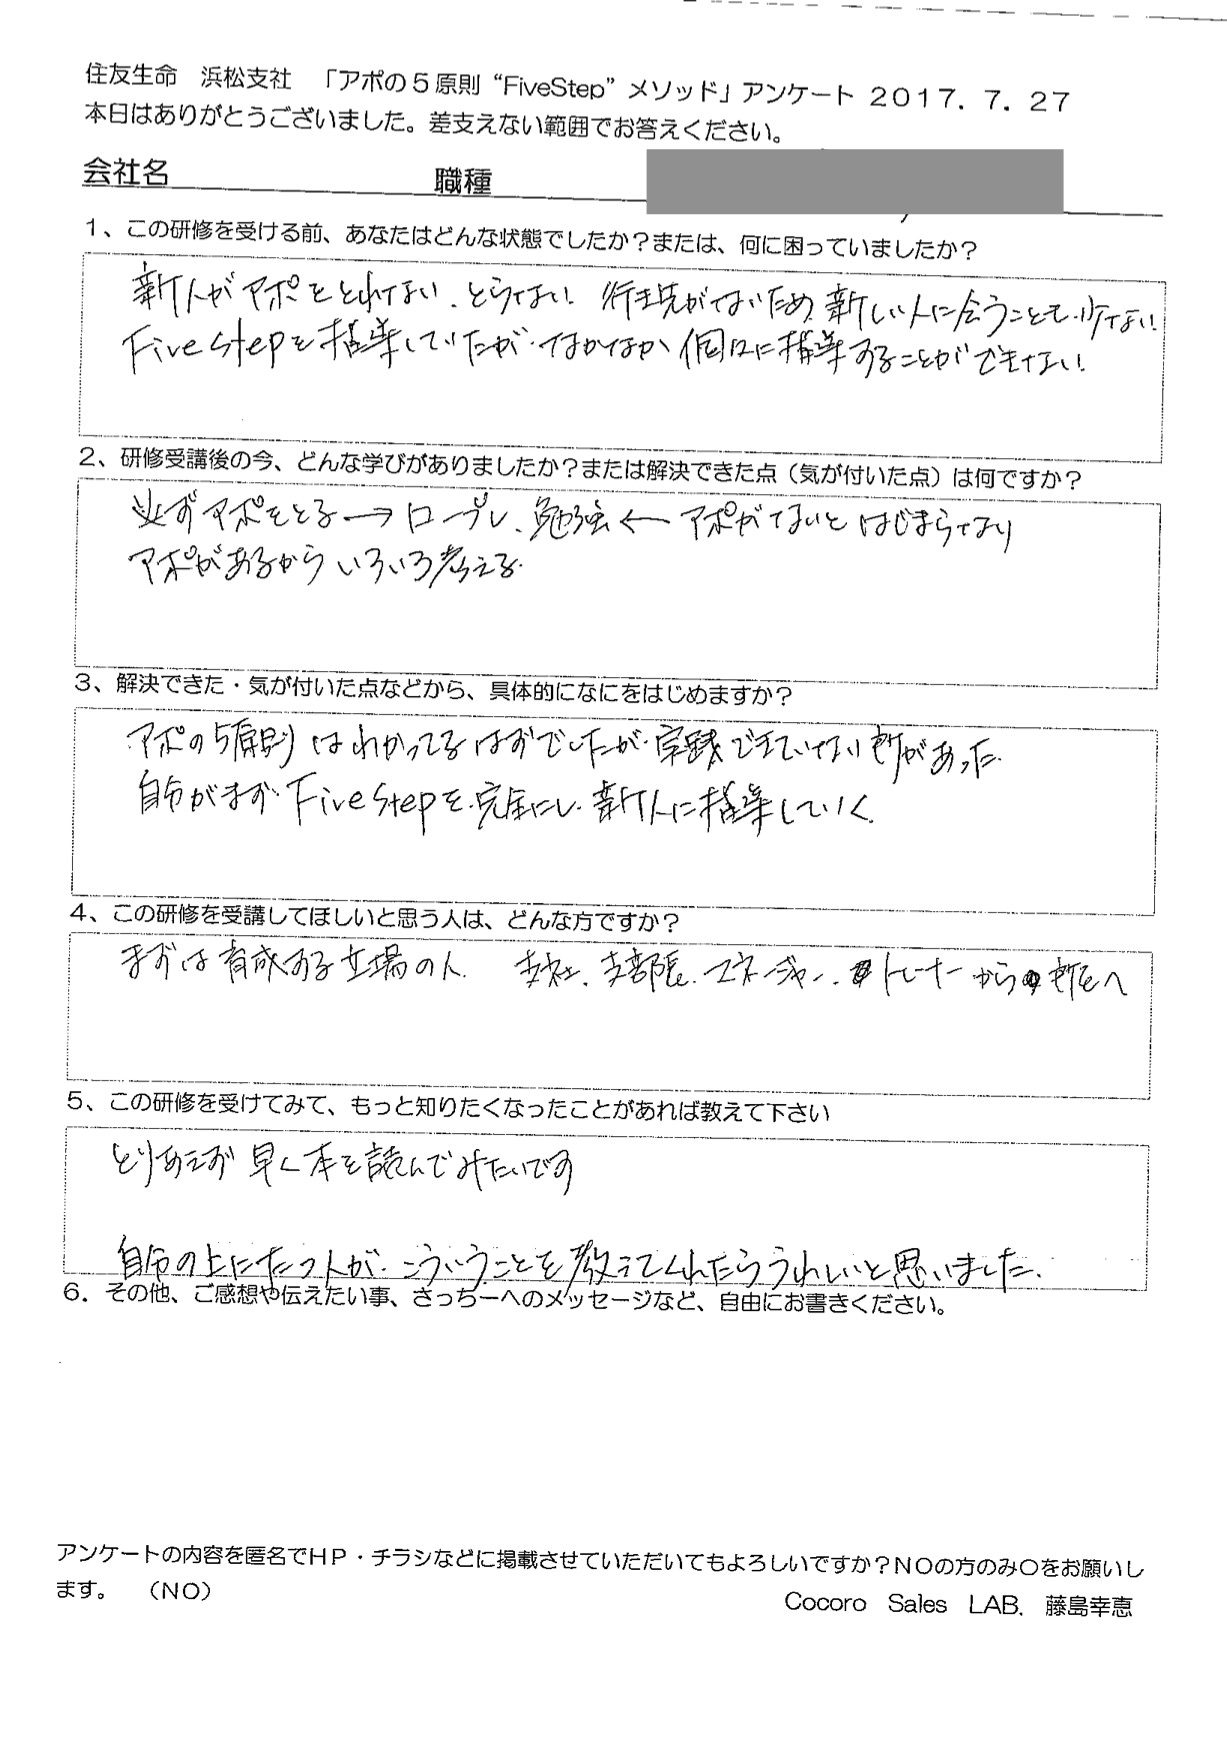 20170727【管理職】住友生命浜松支社様「アポの5原則Five Stepメソッド」アンケート20170729-4